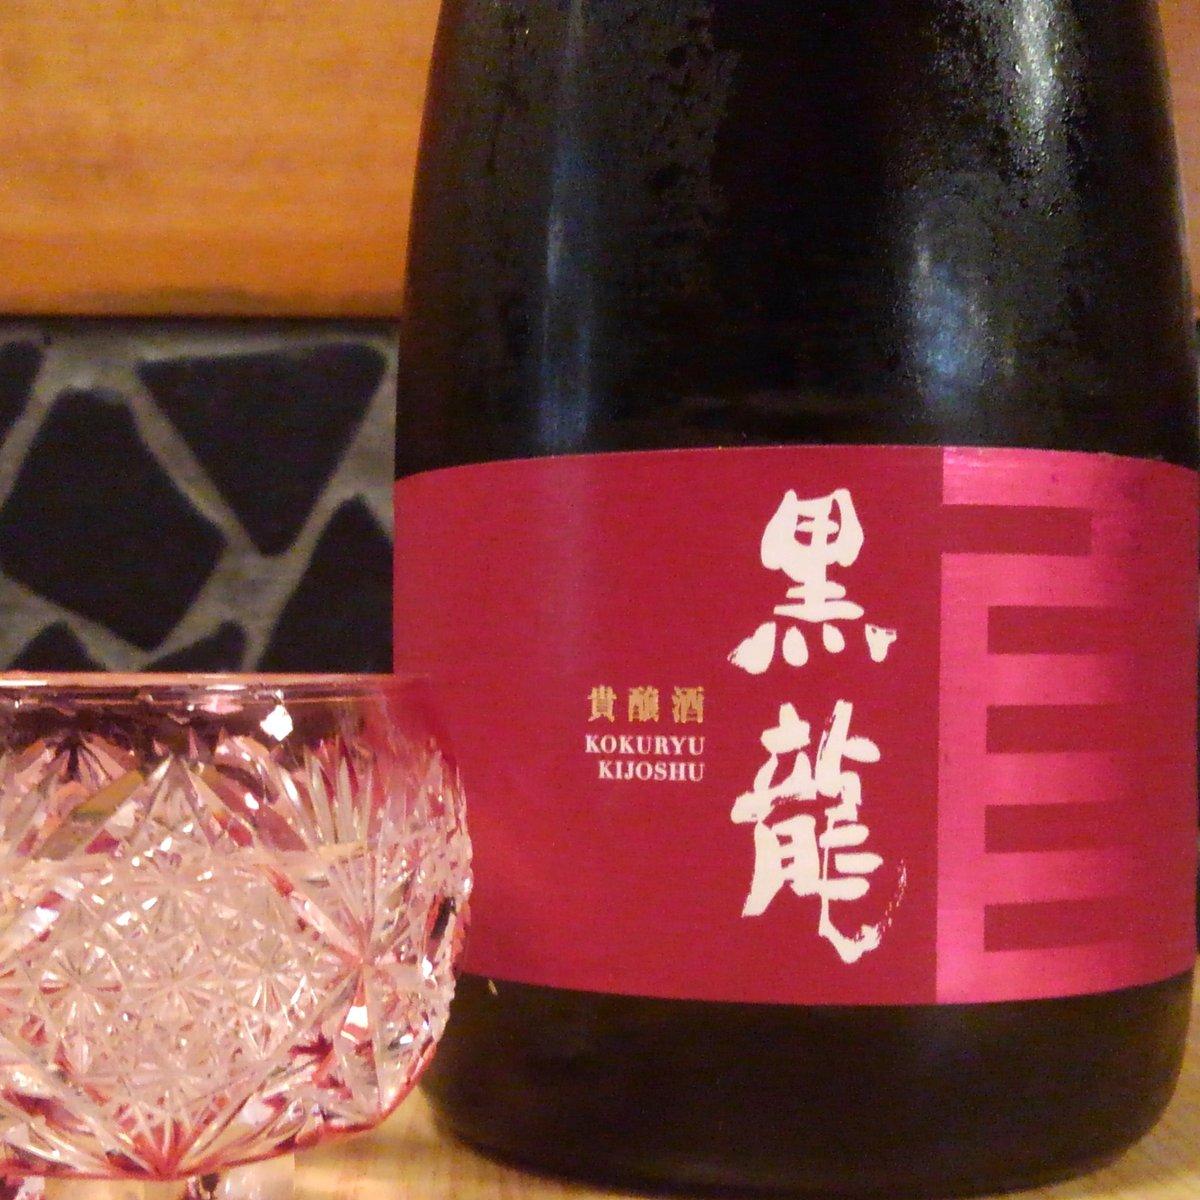 test ツイッターメディア - 福井県の日本酒『黒龍 貴醸酒』のご紹介です。糖蜜のような甘い香りがふわっと広がります。口当たりはさらりと上品。贅沢なフルーツ果汁がギュッと詰まったかのような甘酸っぱさと旨味がありつつ、くどさを感じさせないとても上品なお酒です。  #日本酒 #黒龍 #割烹峰屋的日本酒情報 https://t.co/oGTsMAYkj0